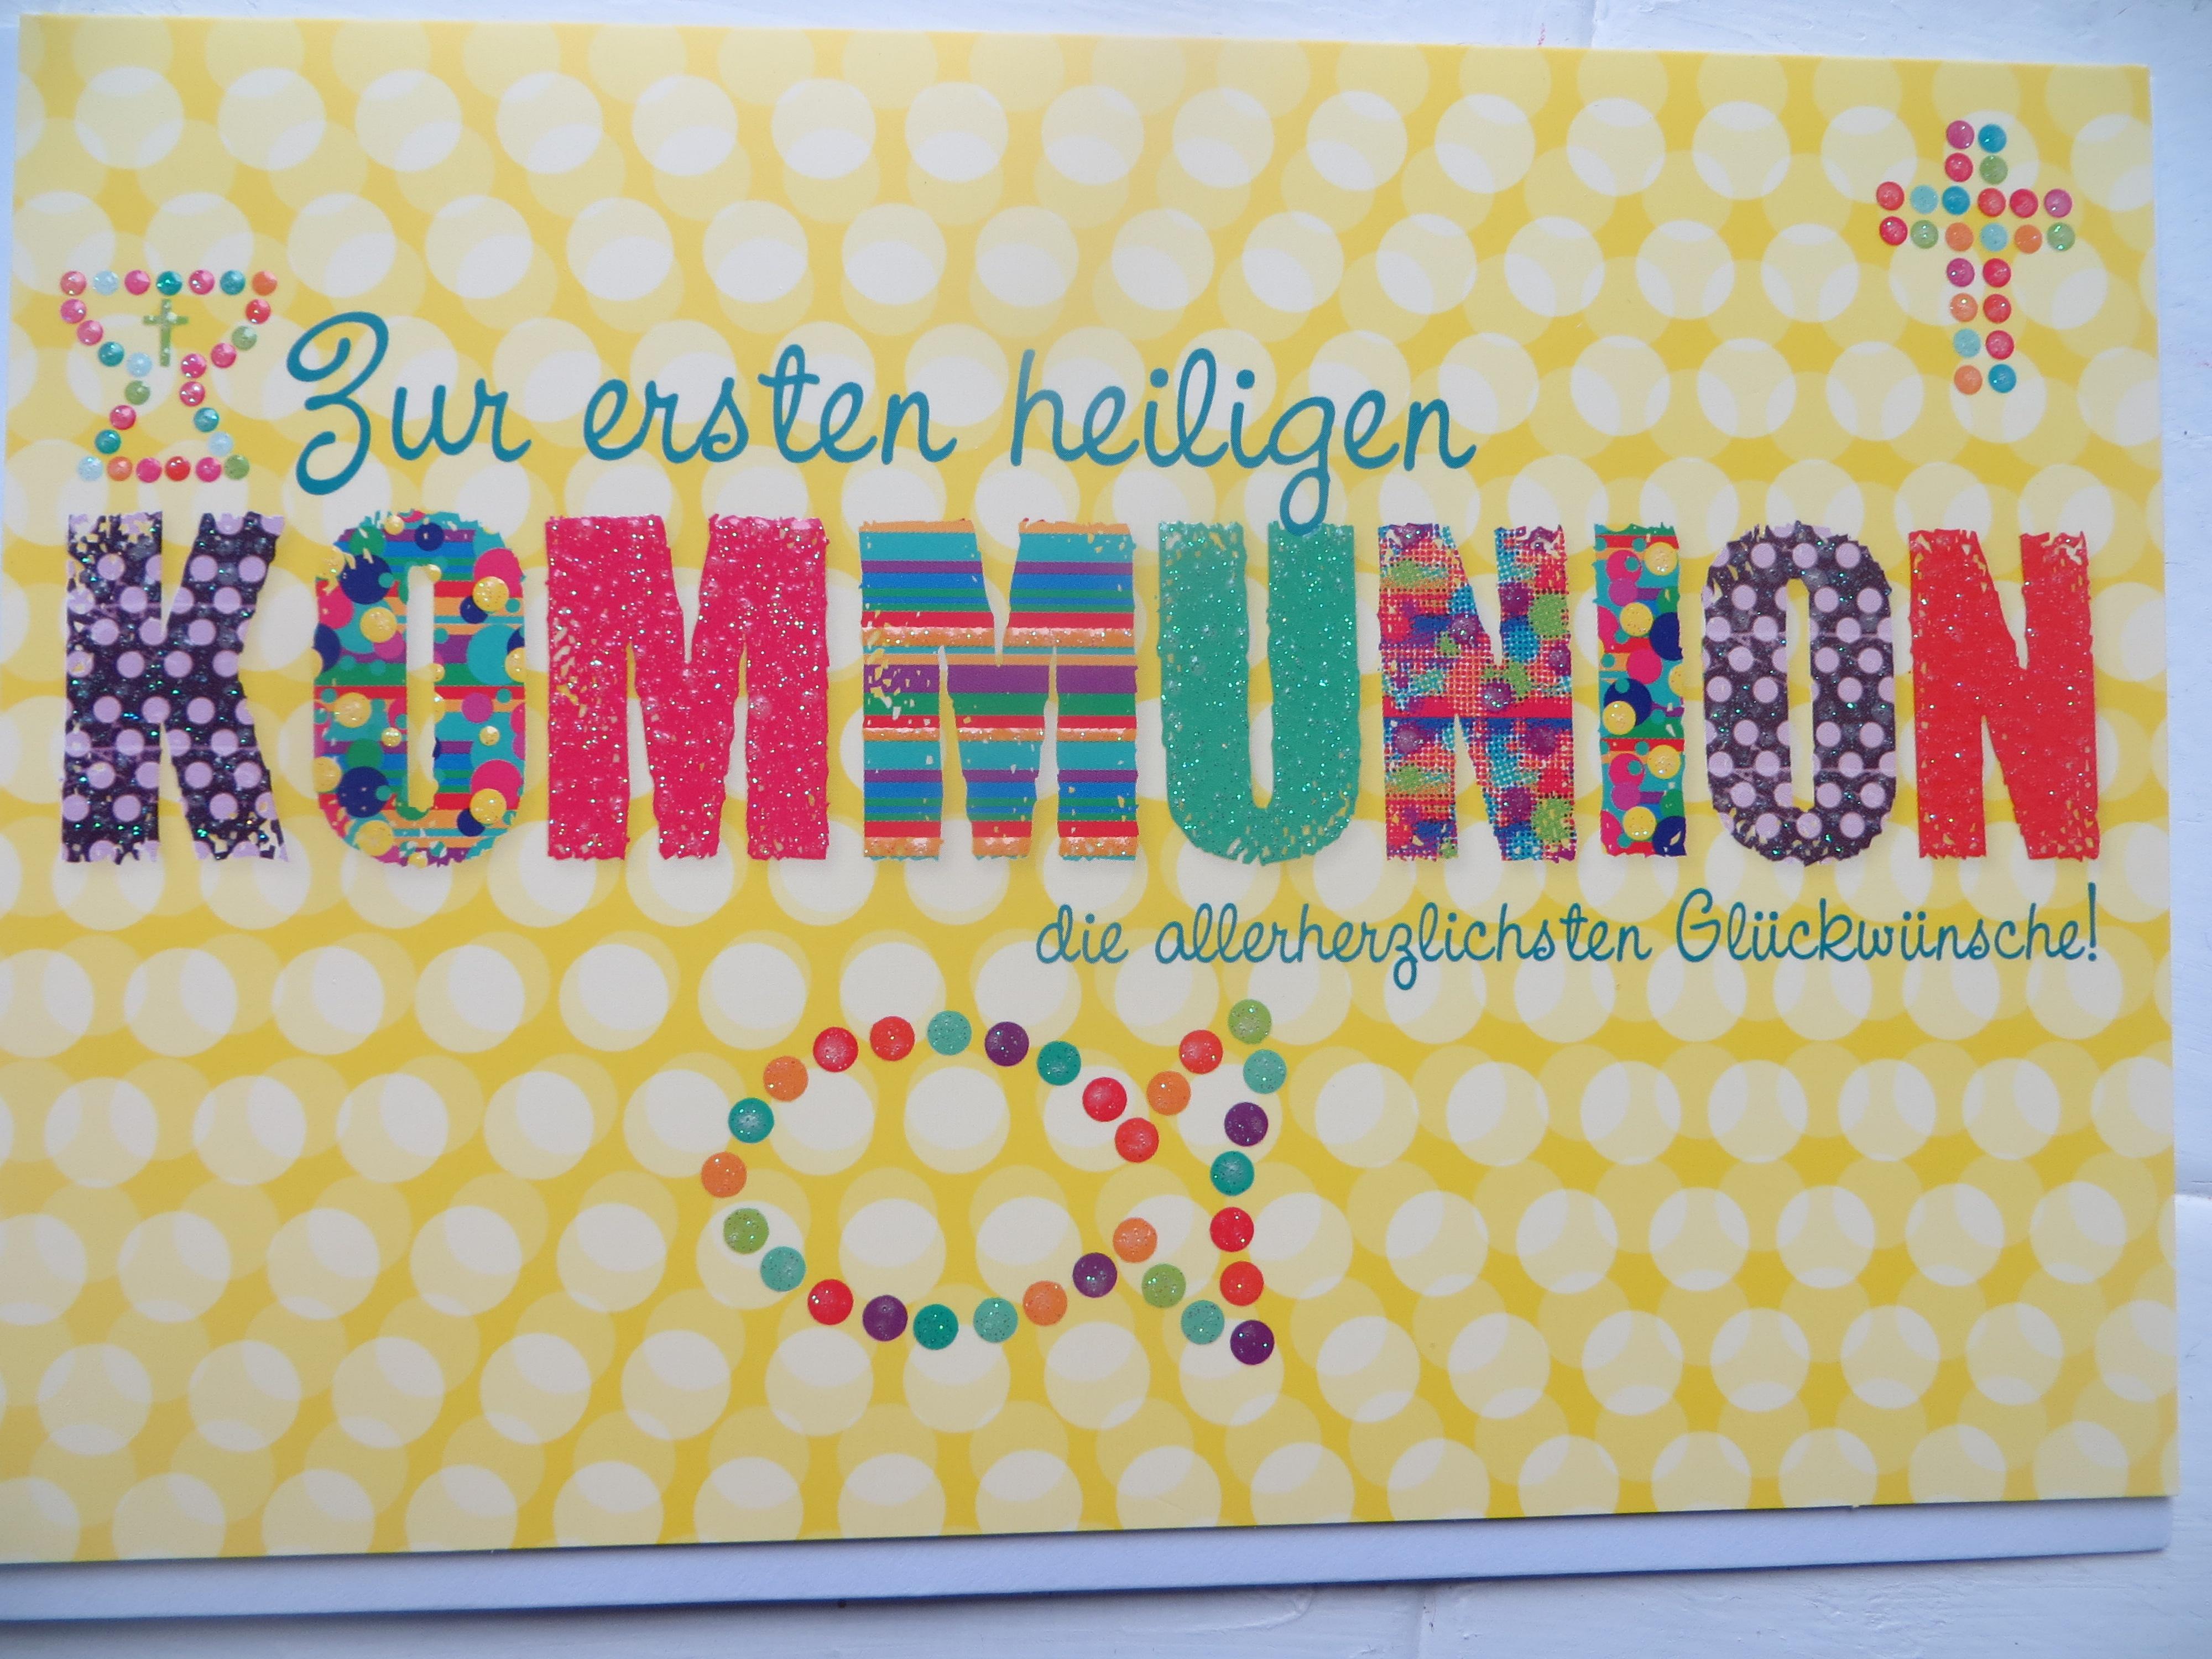 Nützlichgrusskarten - Klappkarte Zur ersten heiligen Kommunion die allerherzlichsten Glückwünsche - Onlineshop Tante Emmer